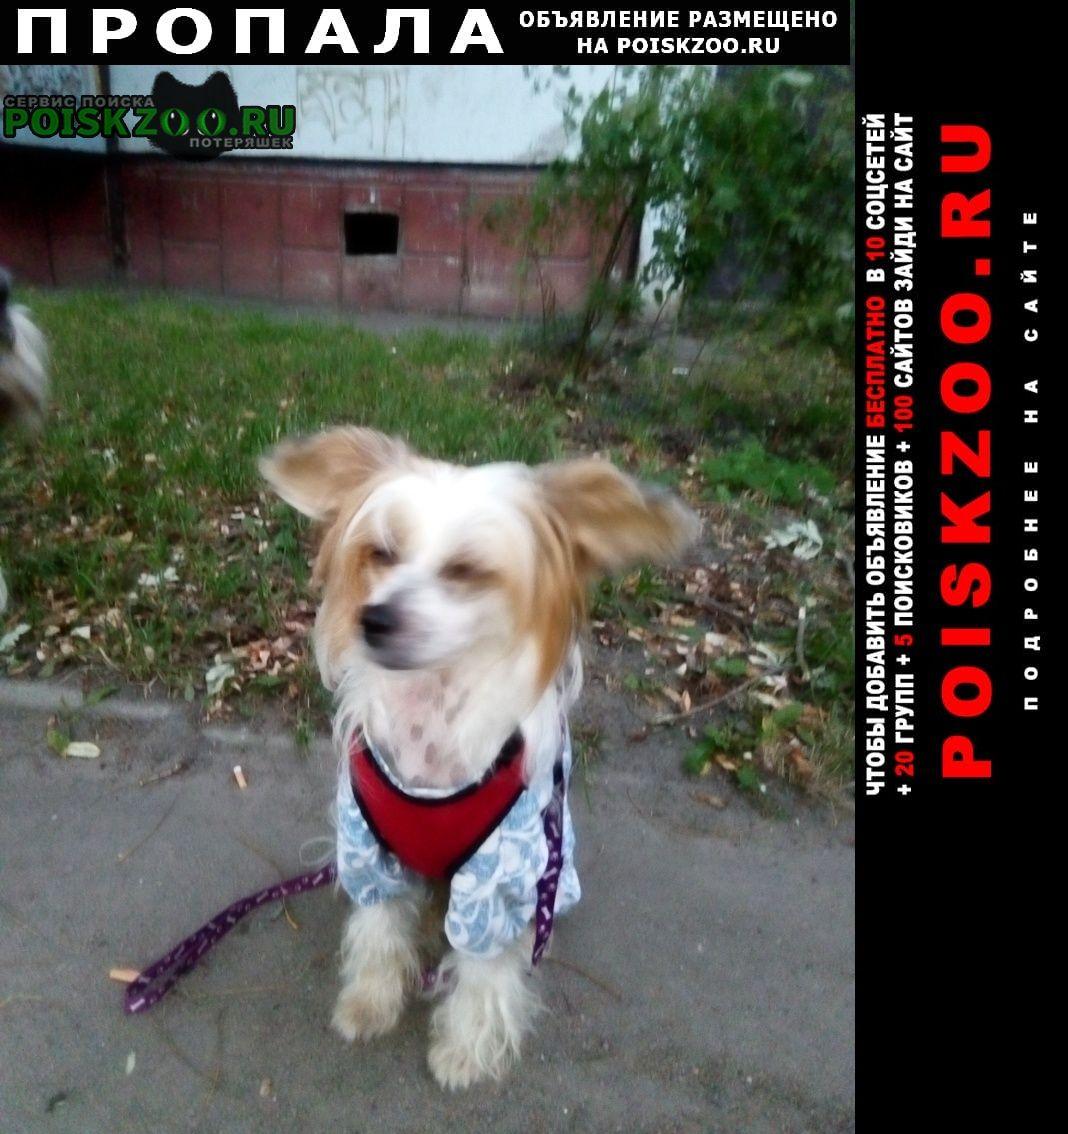 Пропала собака китайская хохлатая 3 года.сука.дарина Иваново